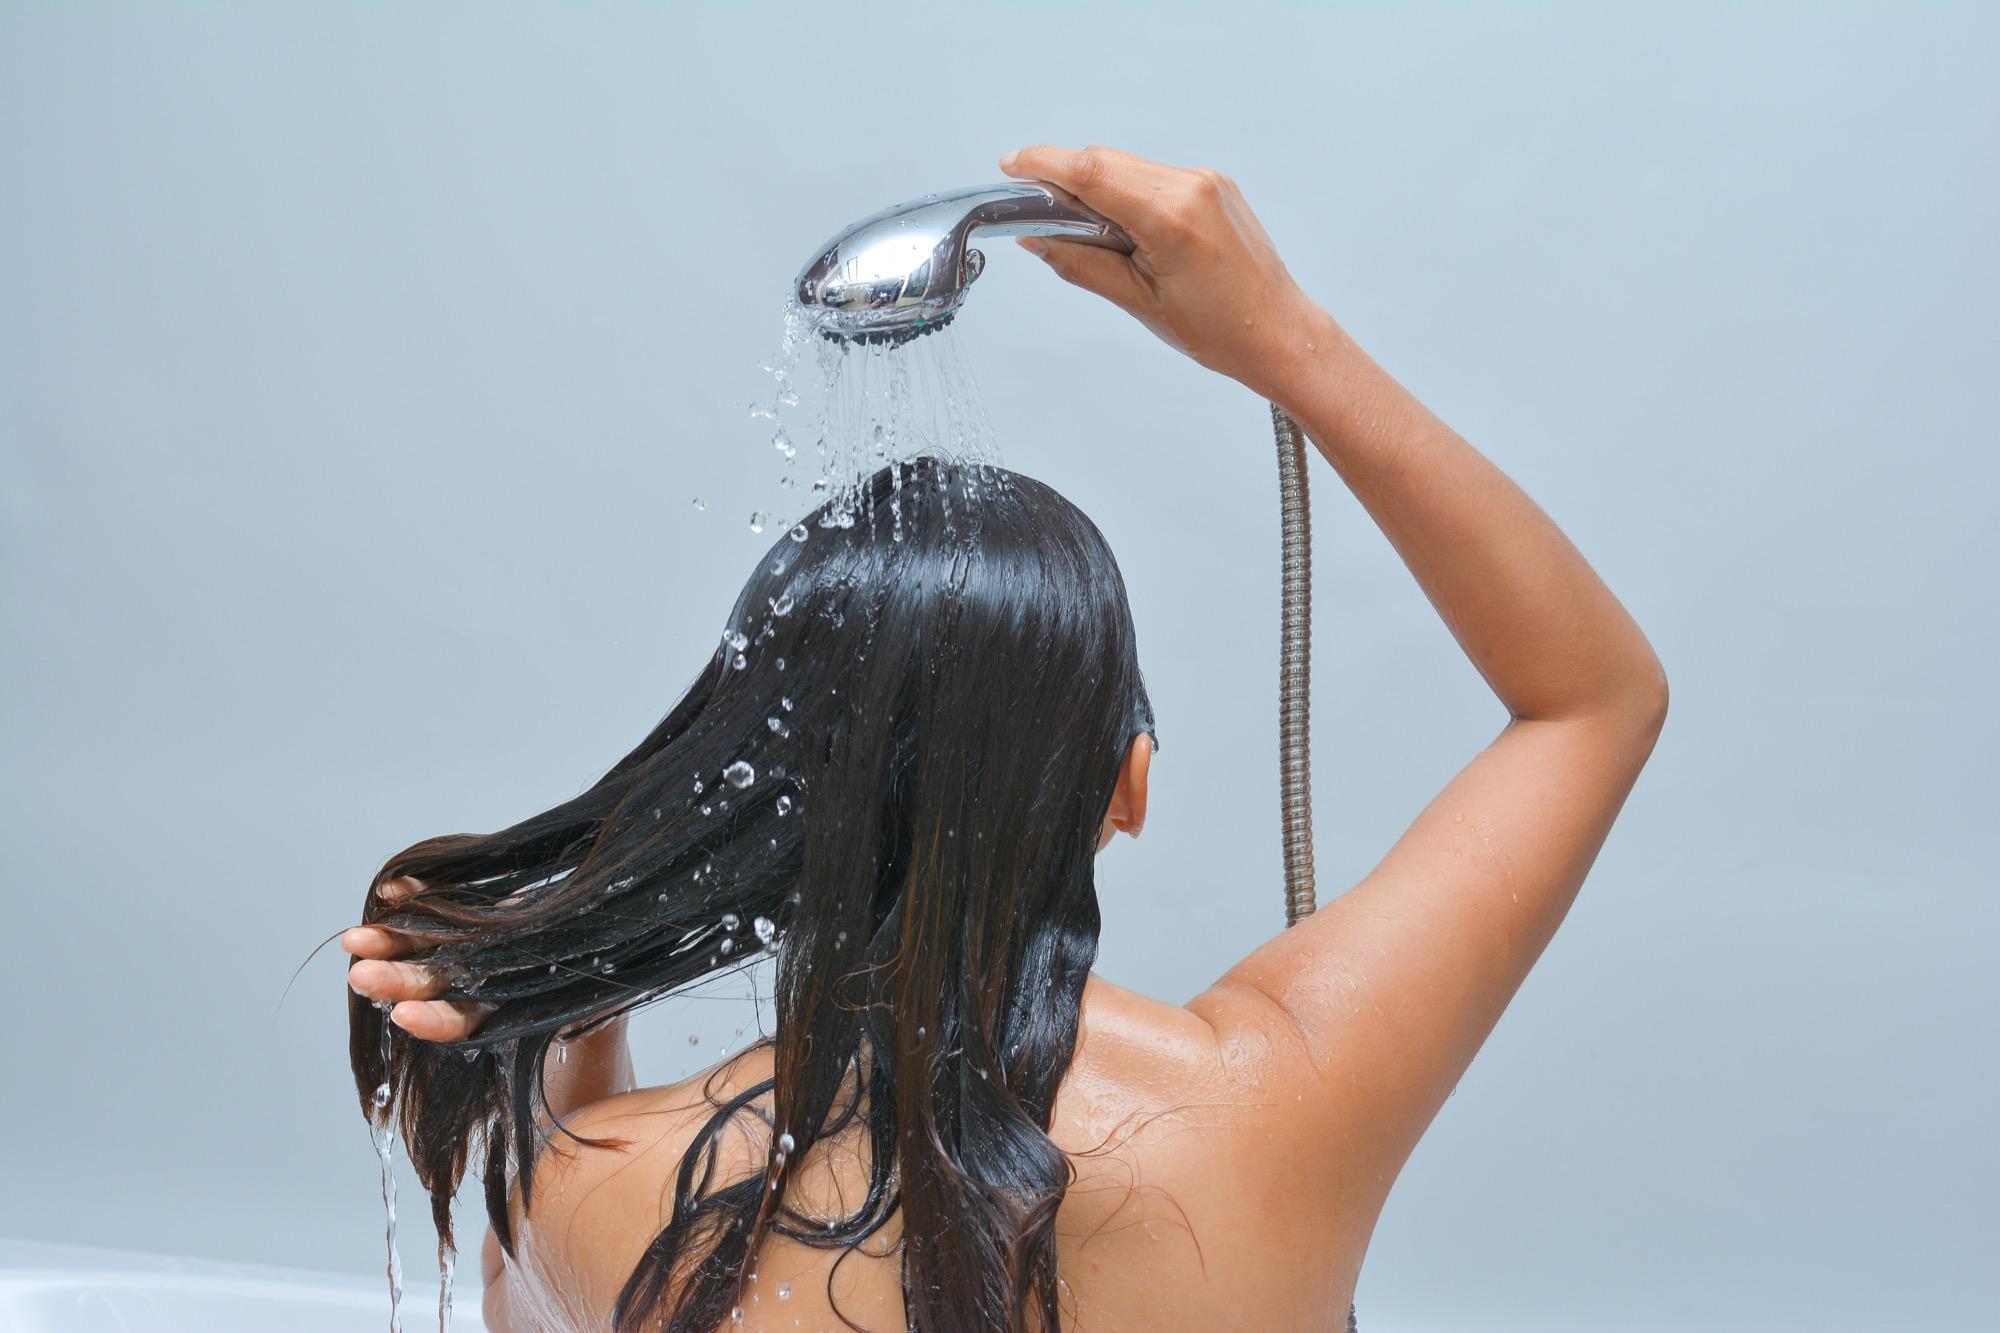 30 tage haare nicht waschen